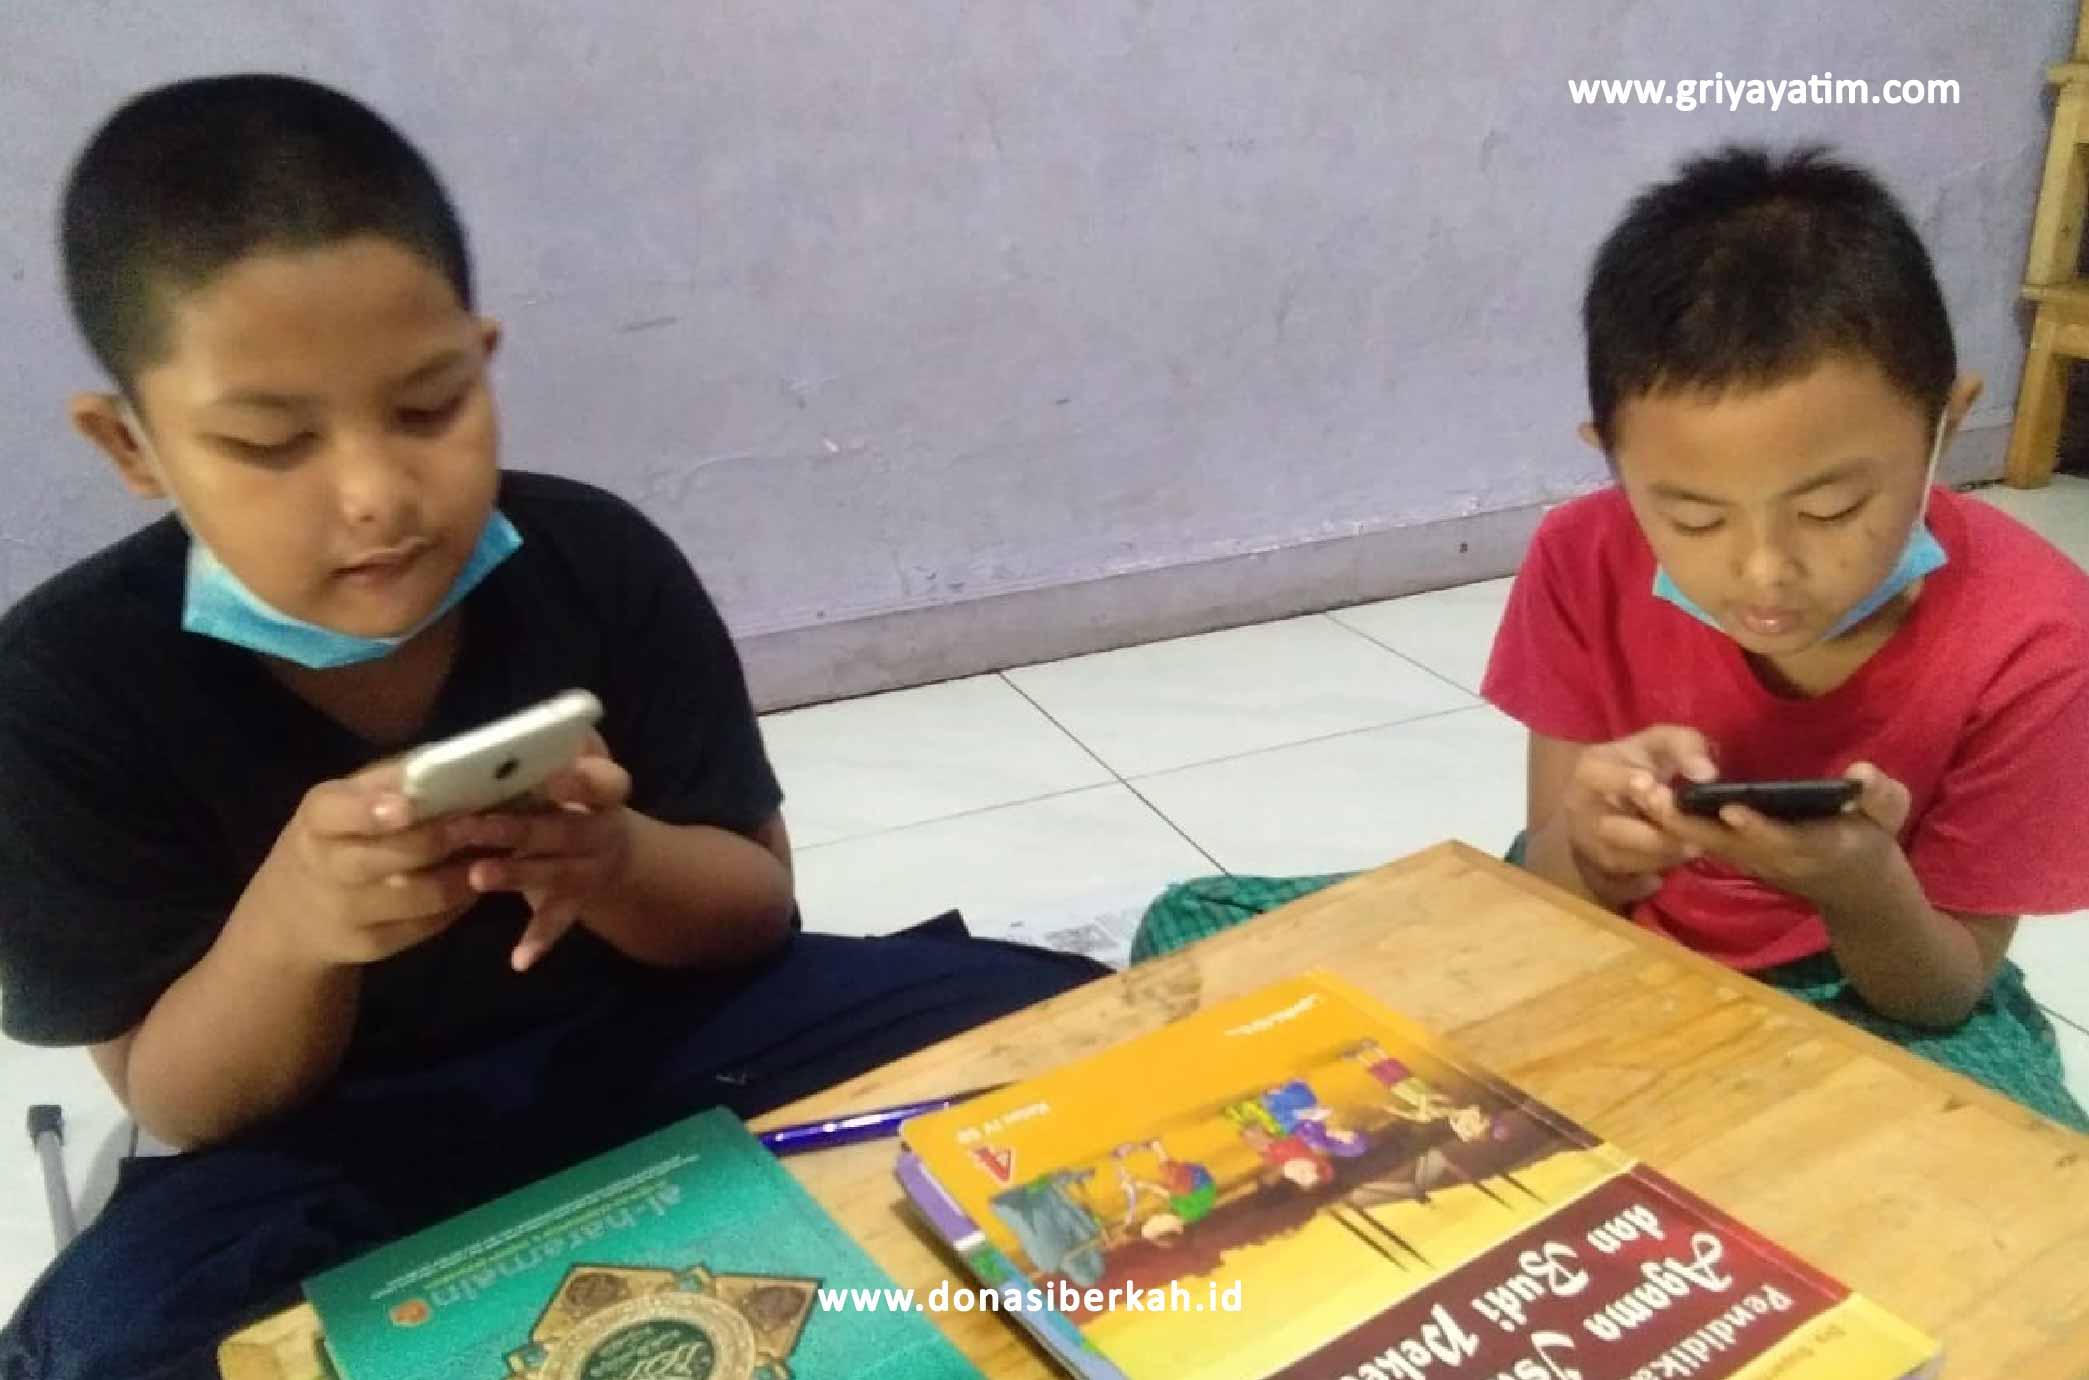 nak Yatim Ulangan Online Di Asrama